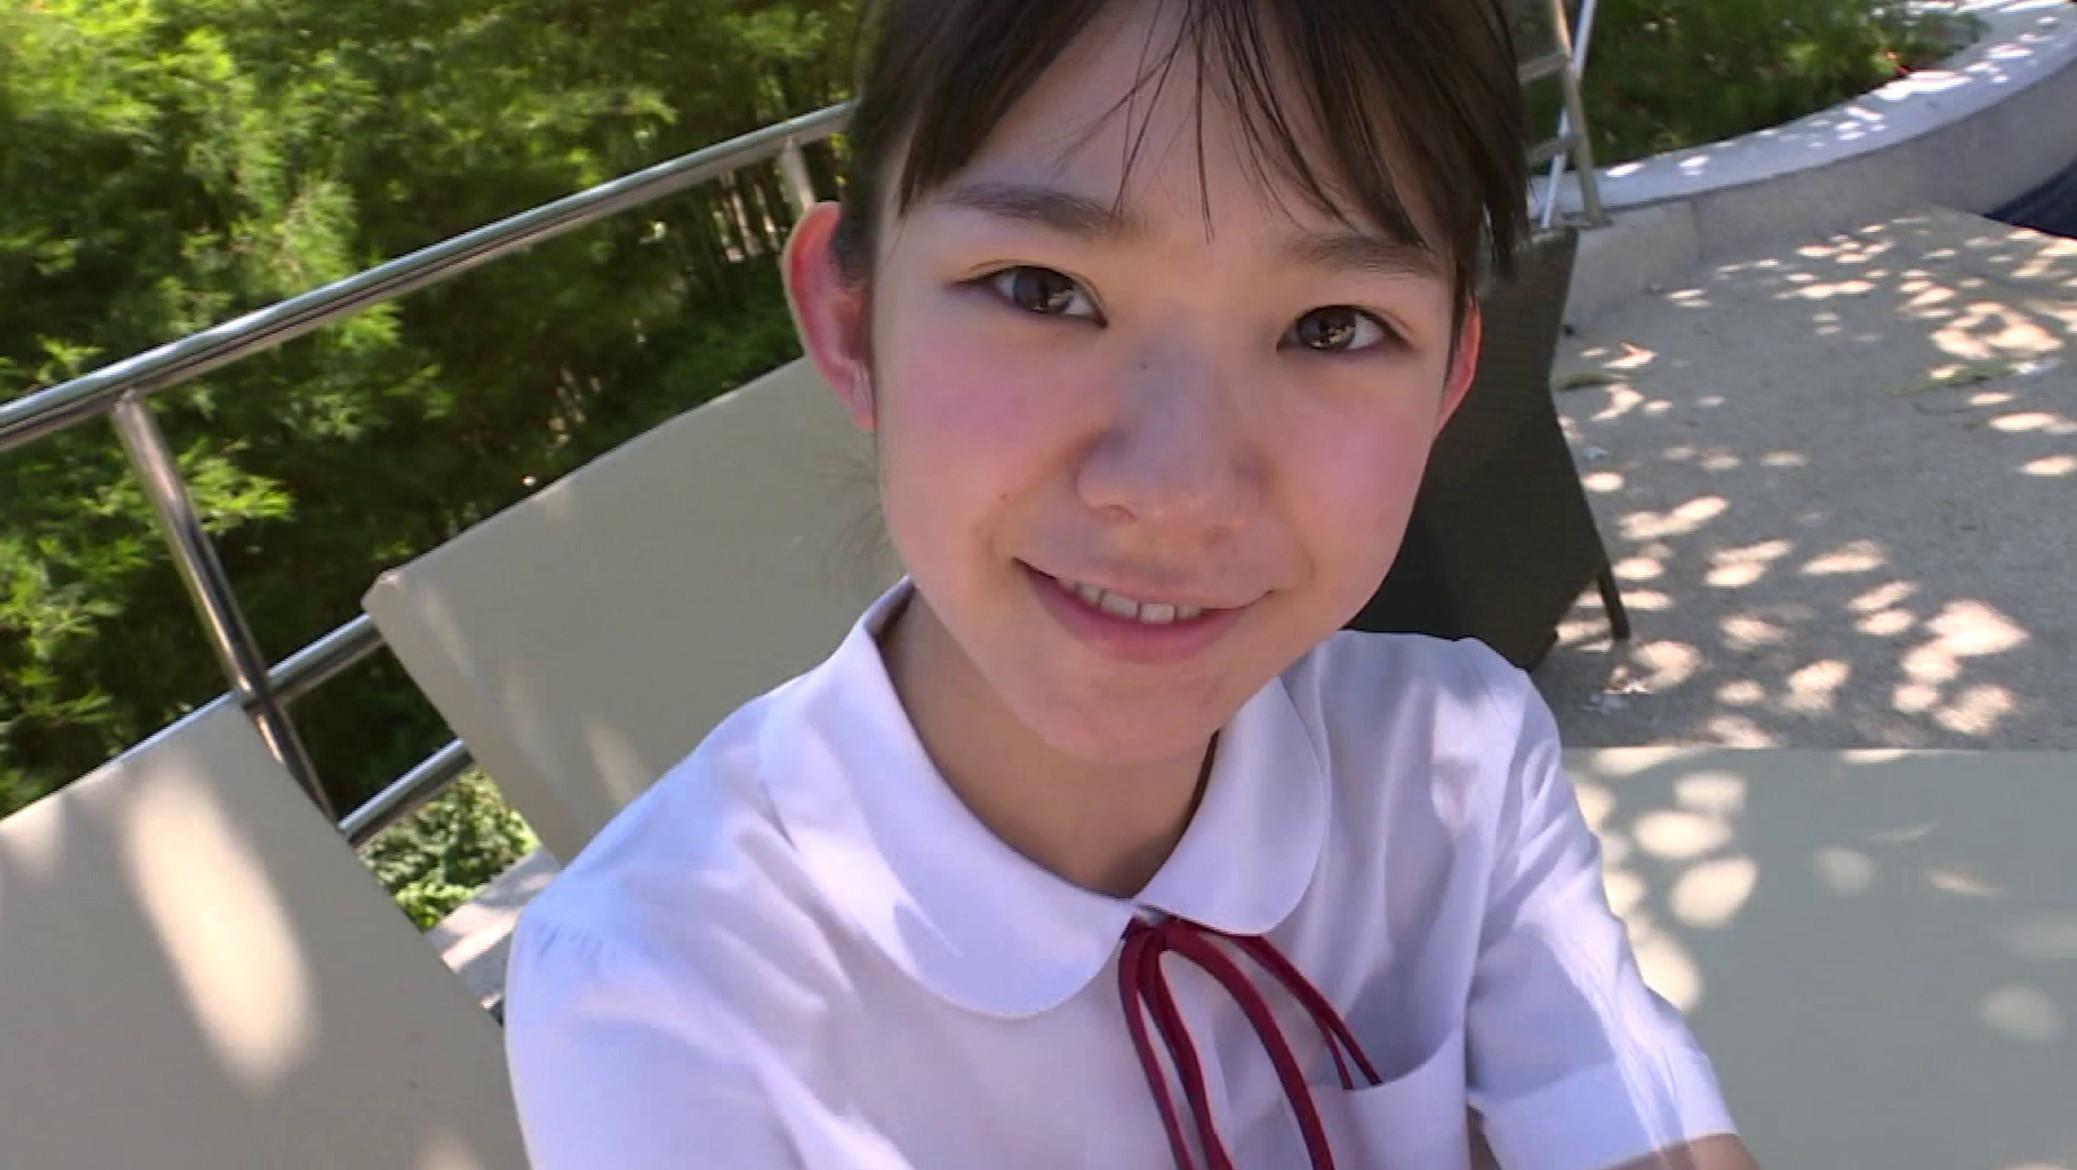 長澤茉里奈のおすすめ人気IV3選のキャプ画像93枚まとめ!史上最強の童顔巨乳なFカップグラドル【ソクミル提供】